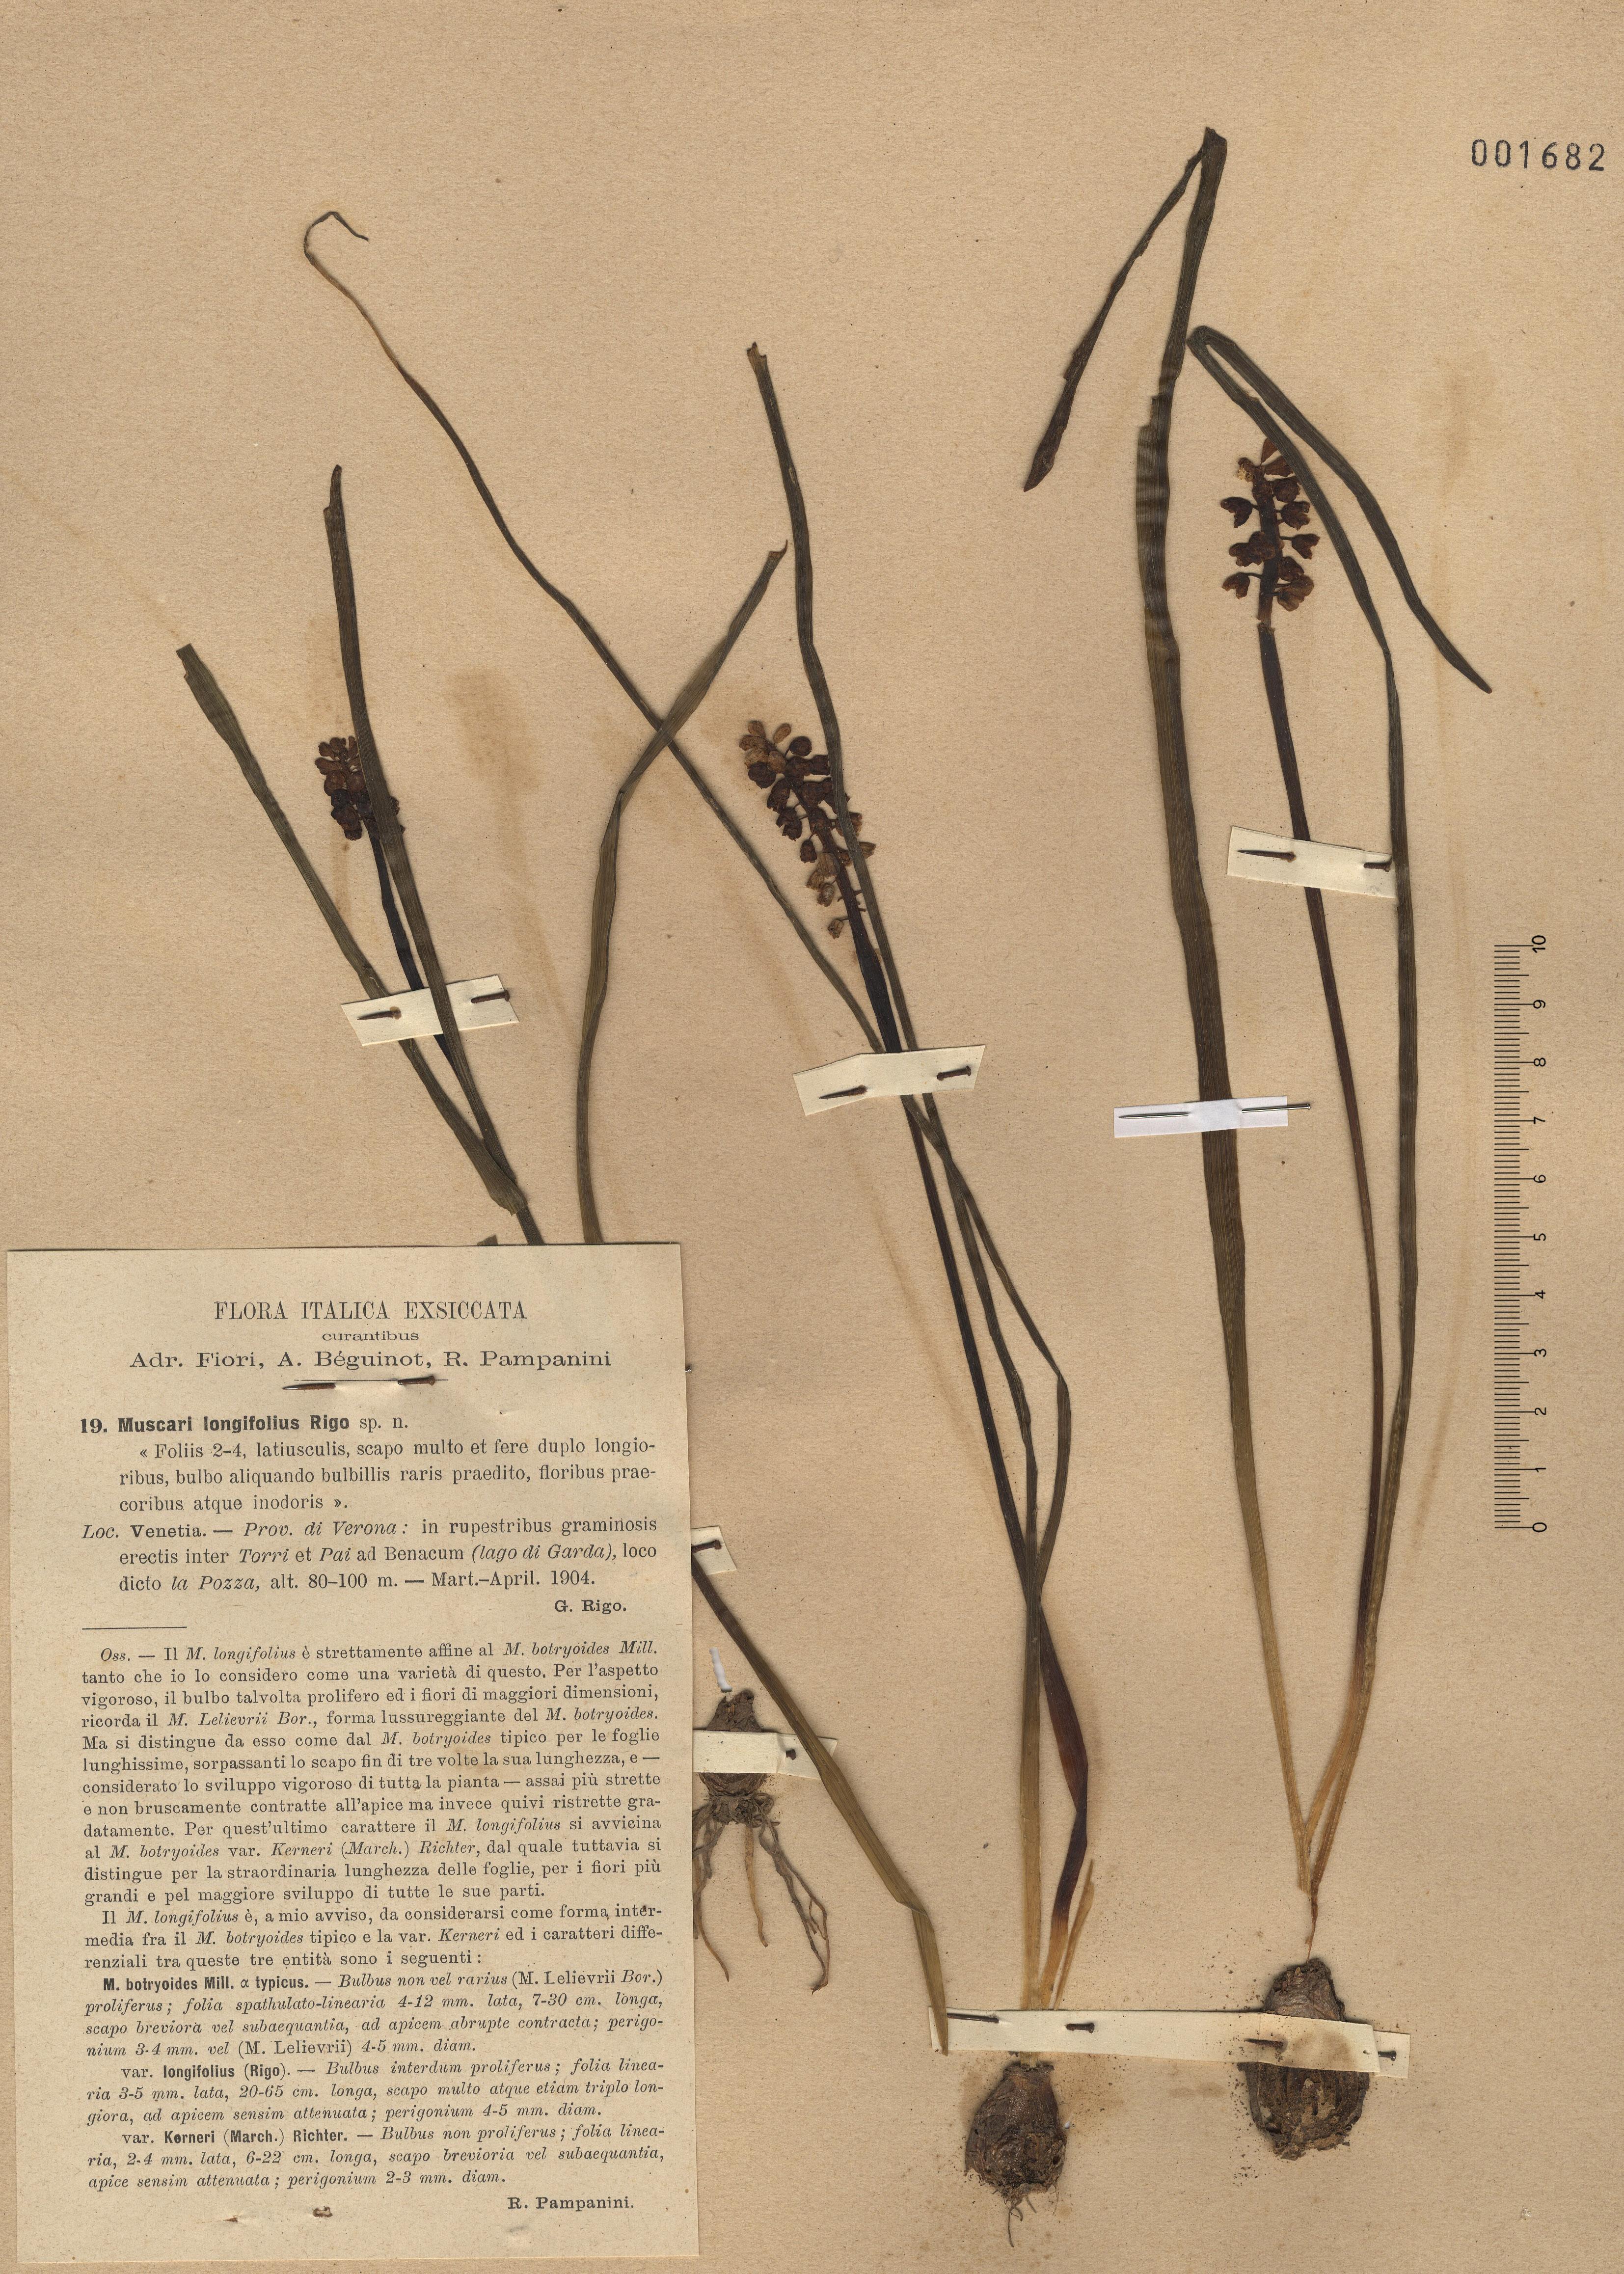 &copy; Hortus Botanicus Catinensis - Herb. sheet 001682<br>